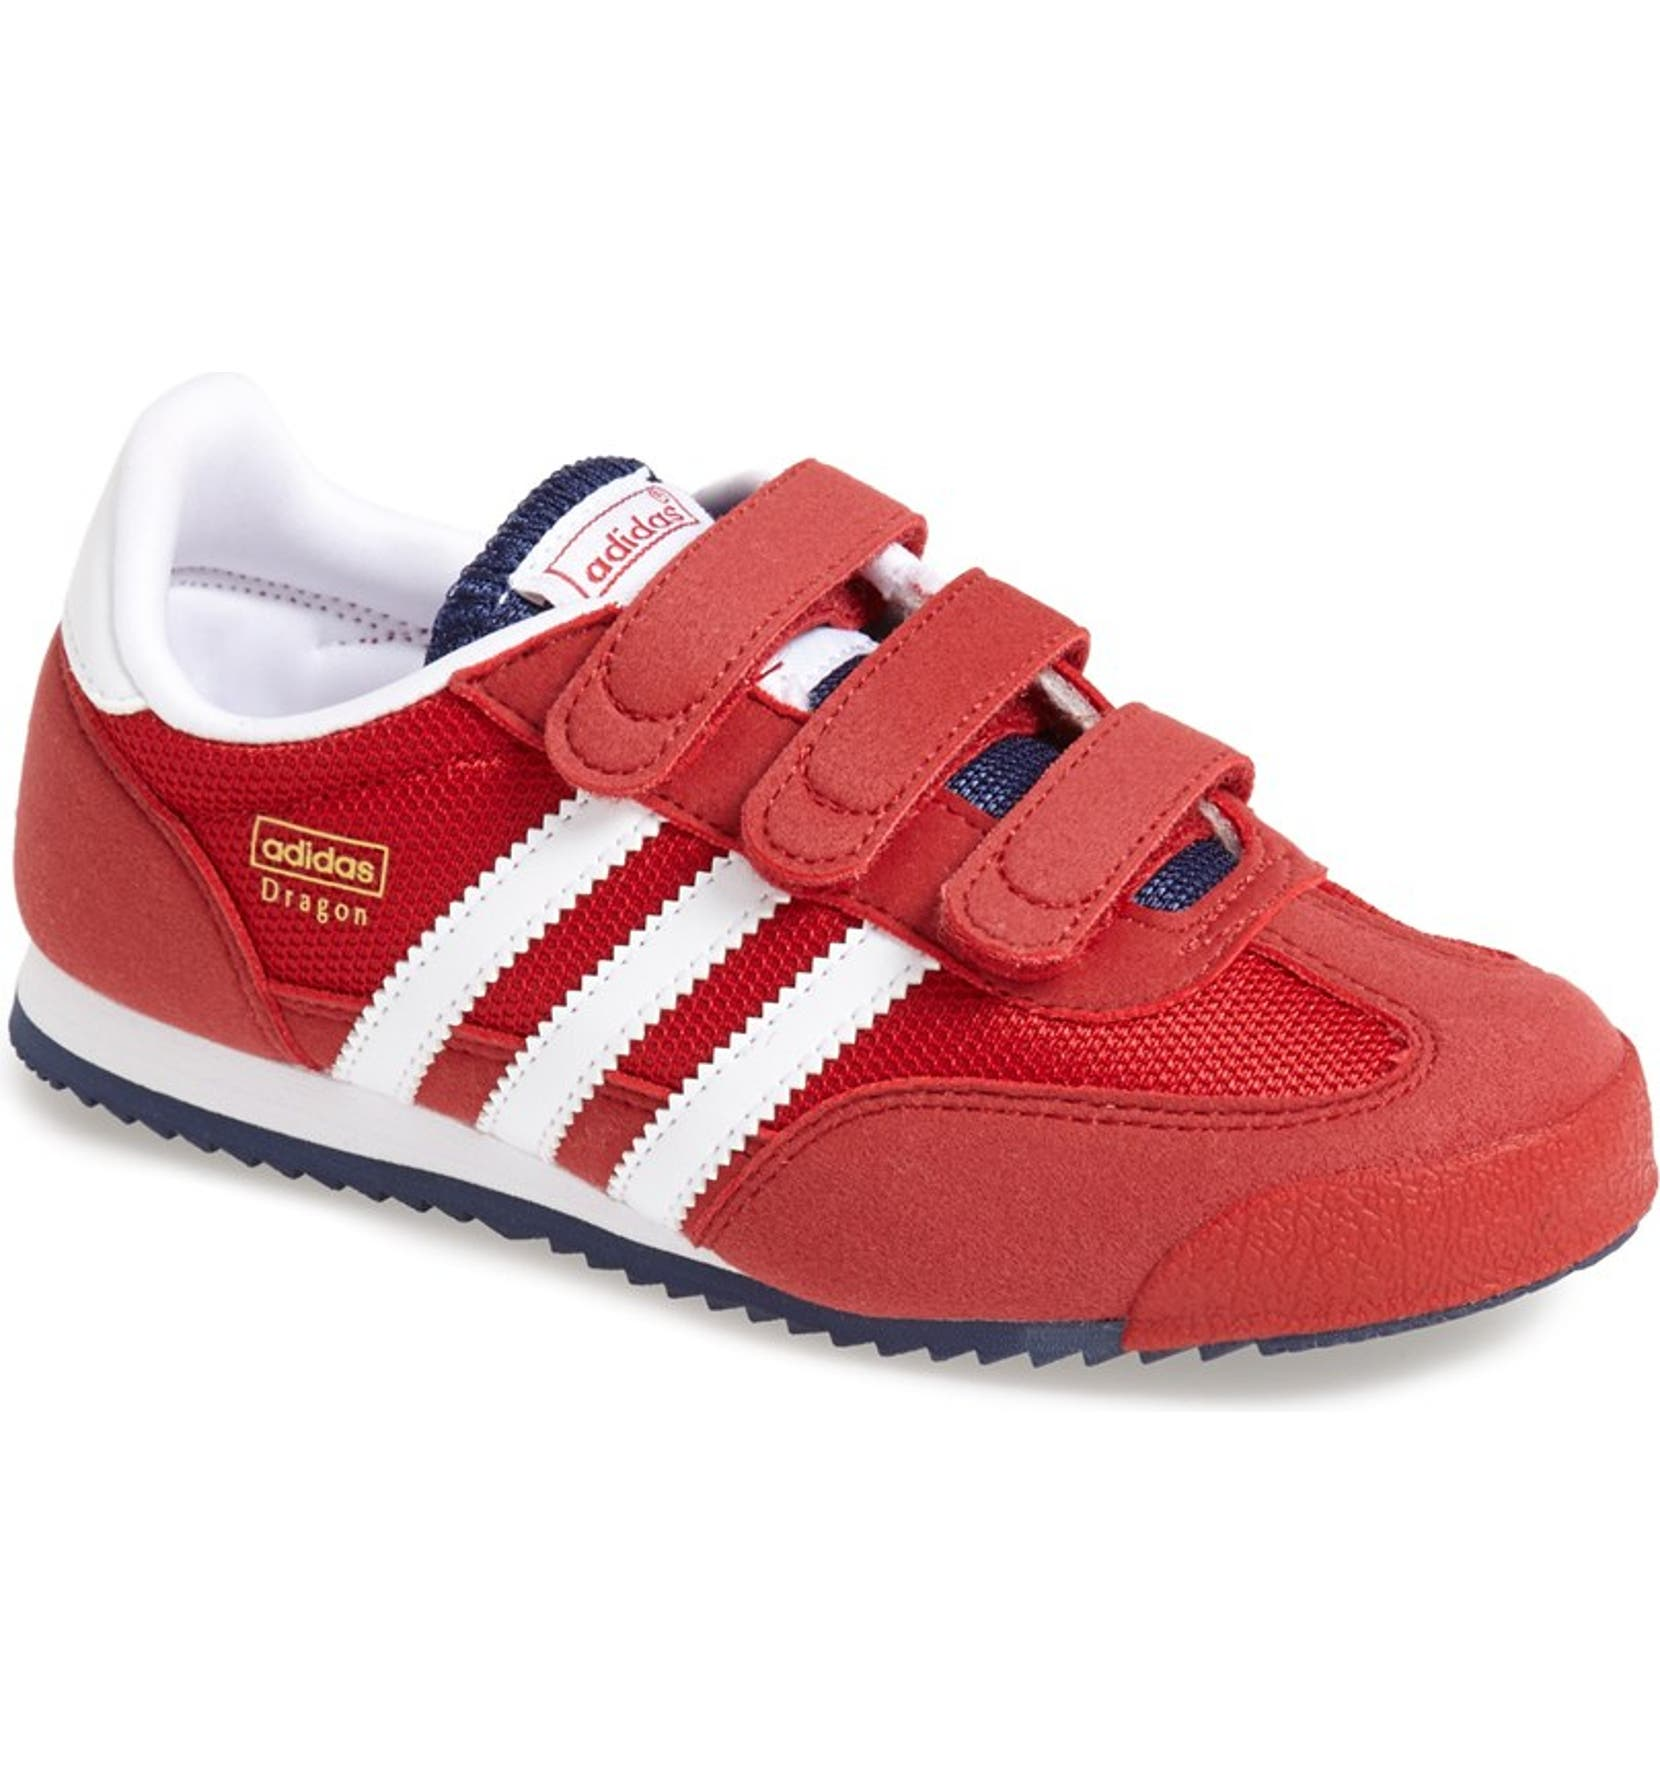 adidas dragon toddler